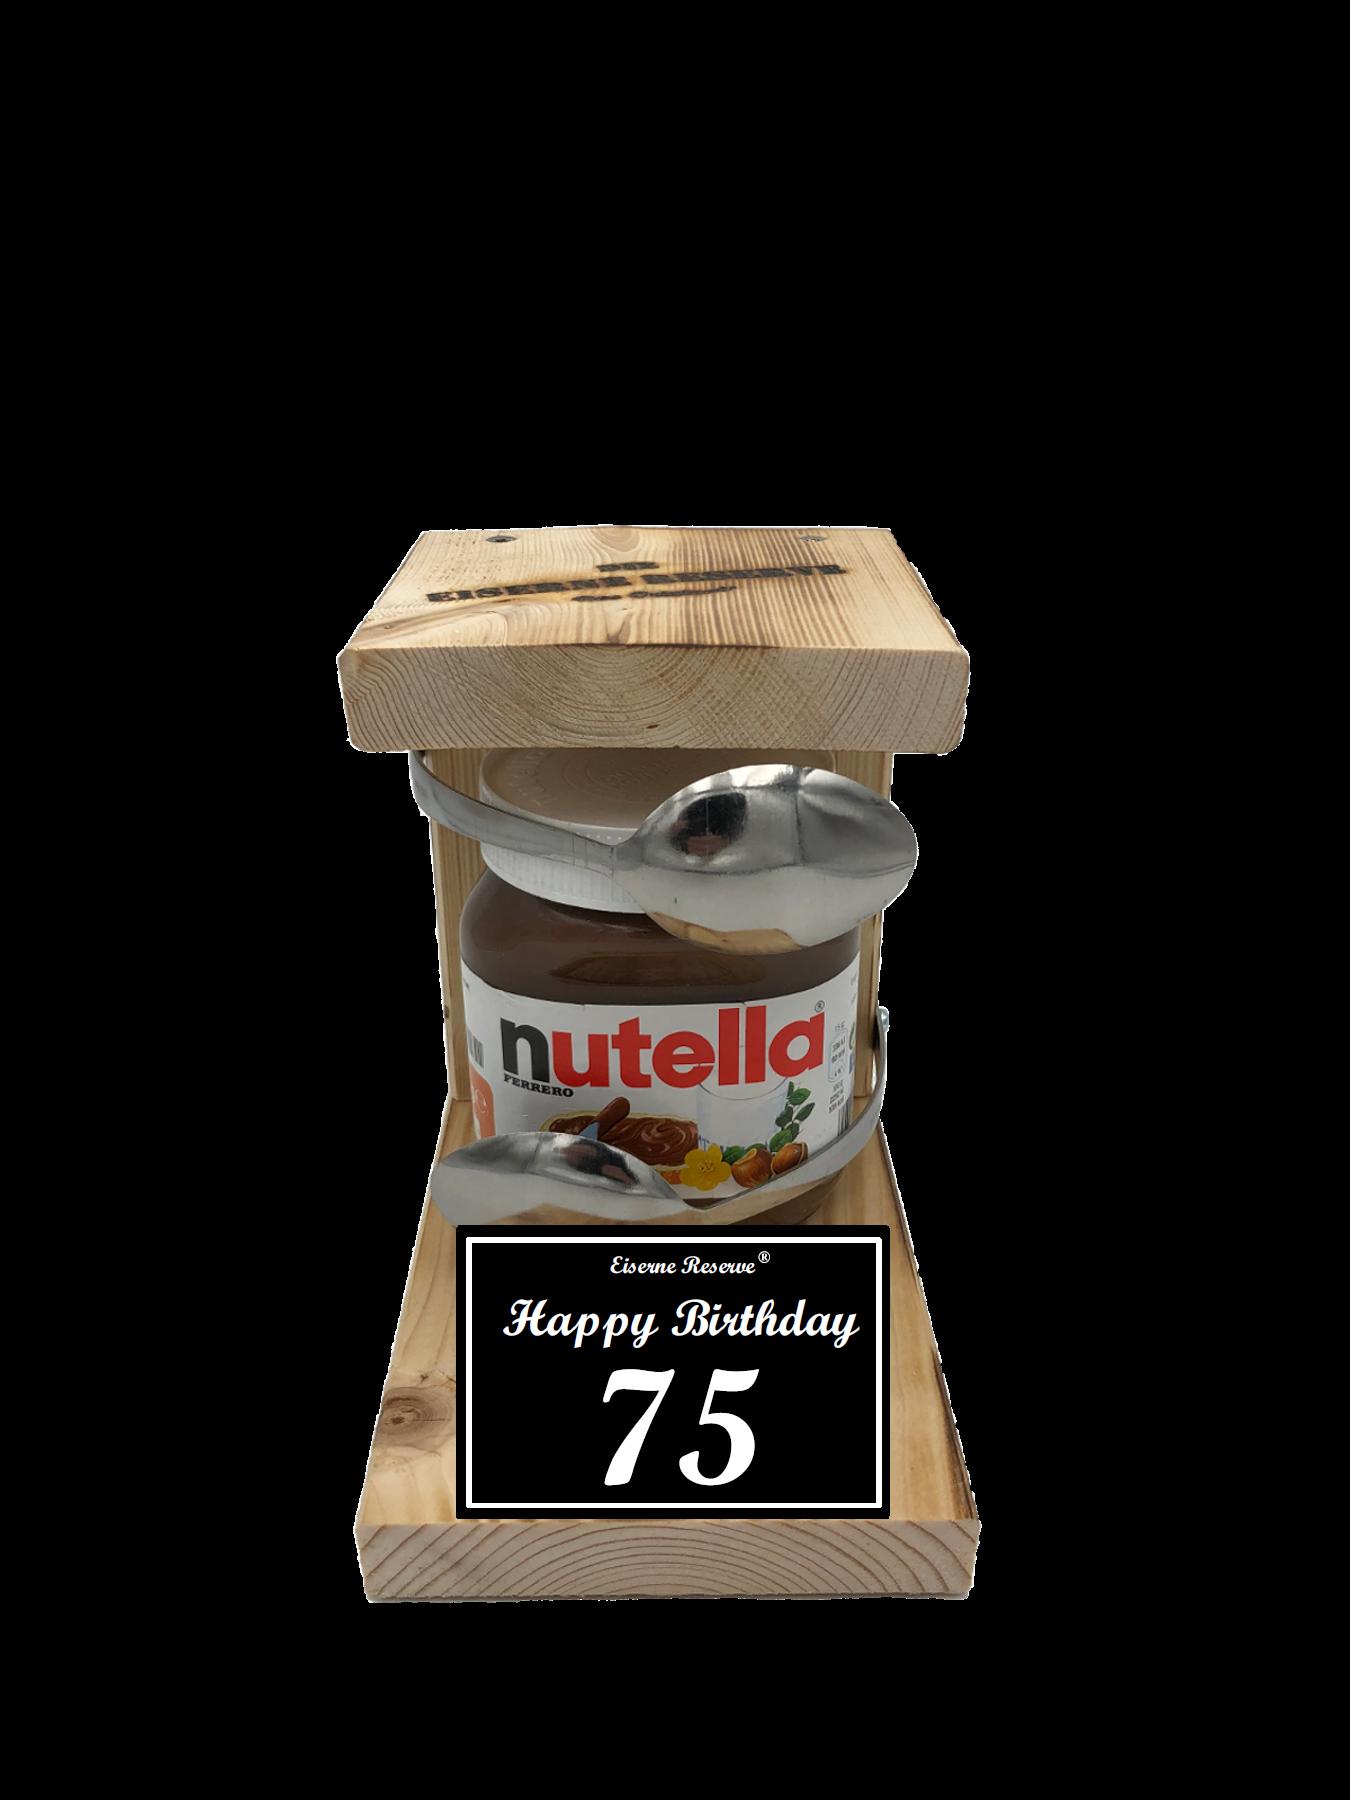 75 Happy Birthday Löffel Nutella Geschenk - Die Nutella Geschenkidee